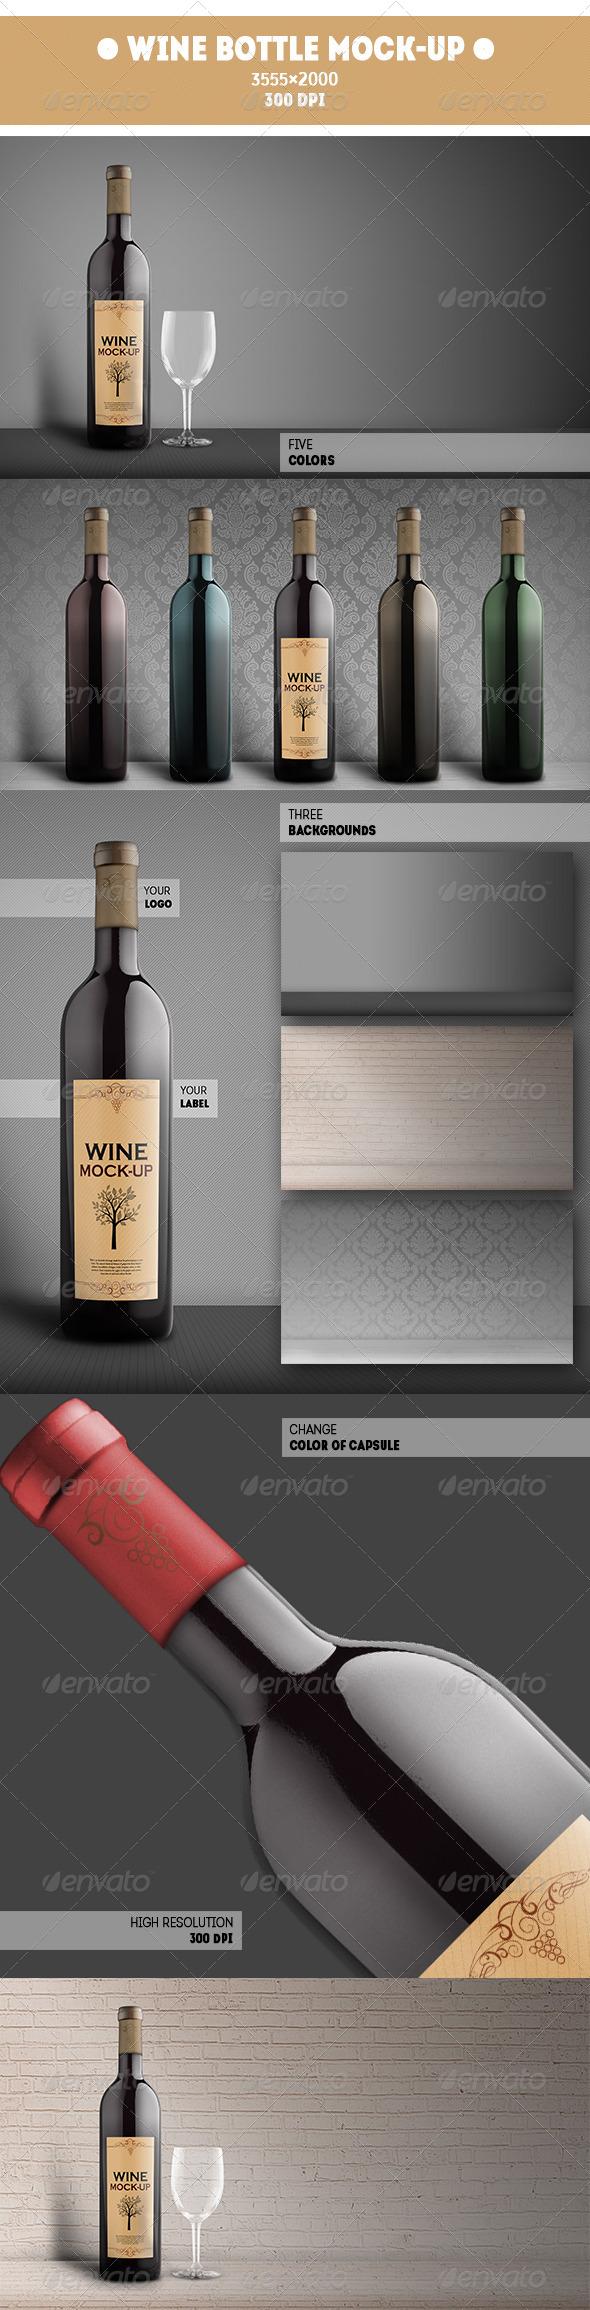 GraphicRiver Wine Bottle Mock-Up 7691648